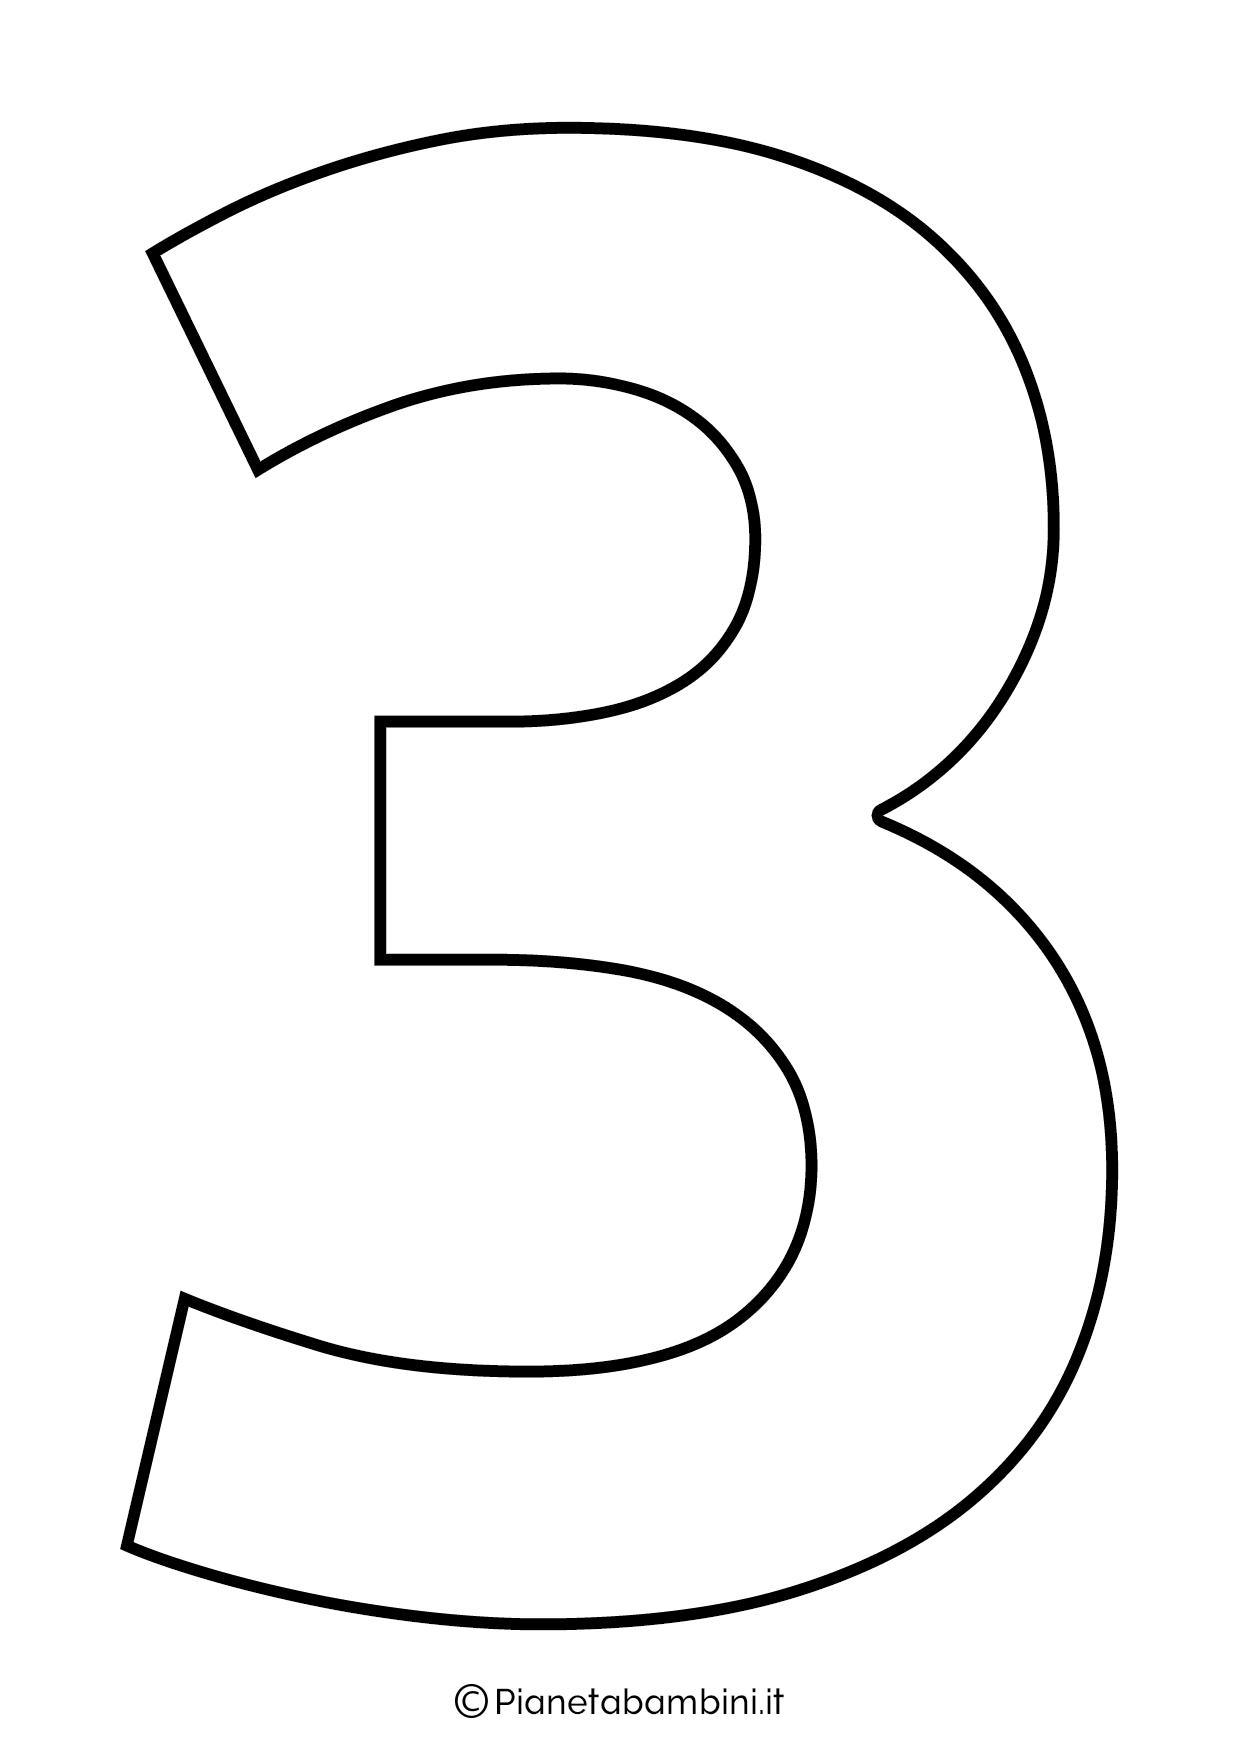 Numero 3 da stampare